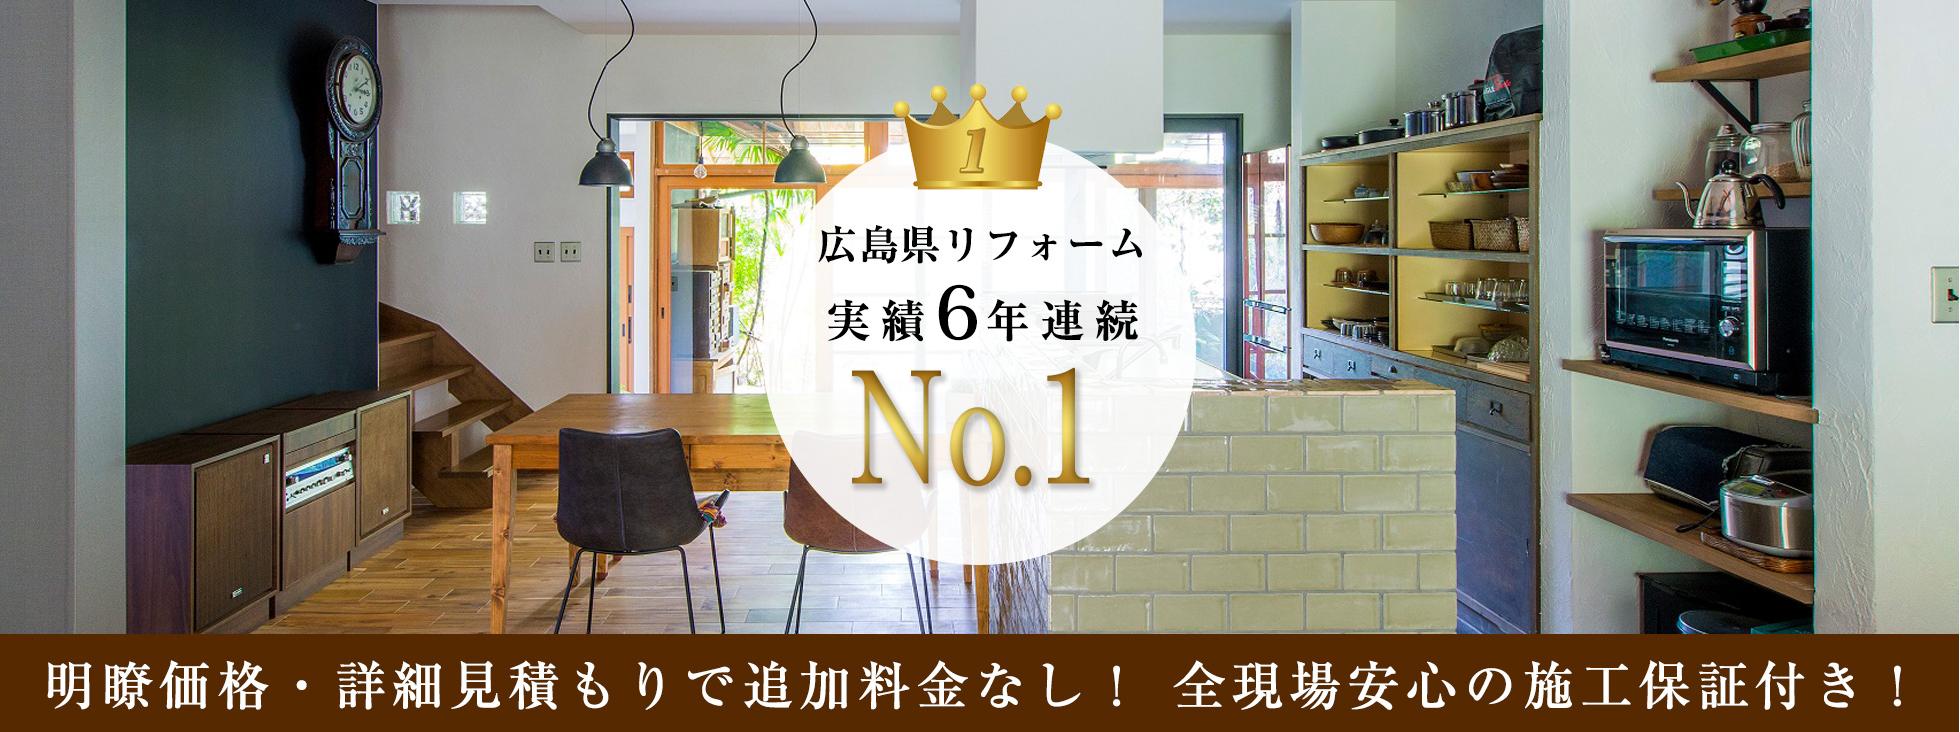 広島で5年連続売り上げナンバーワン